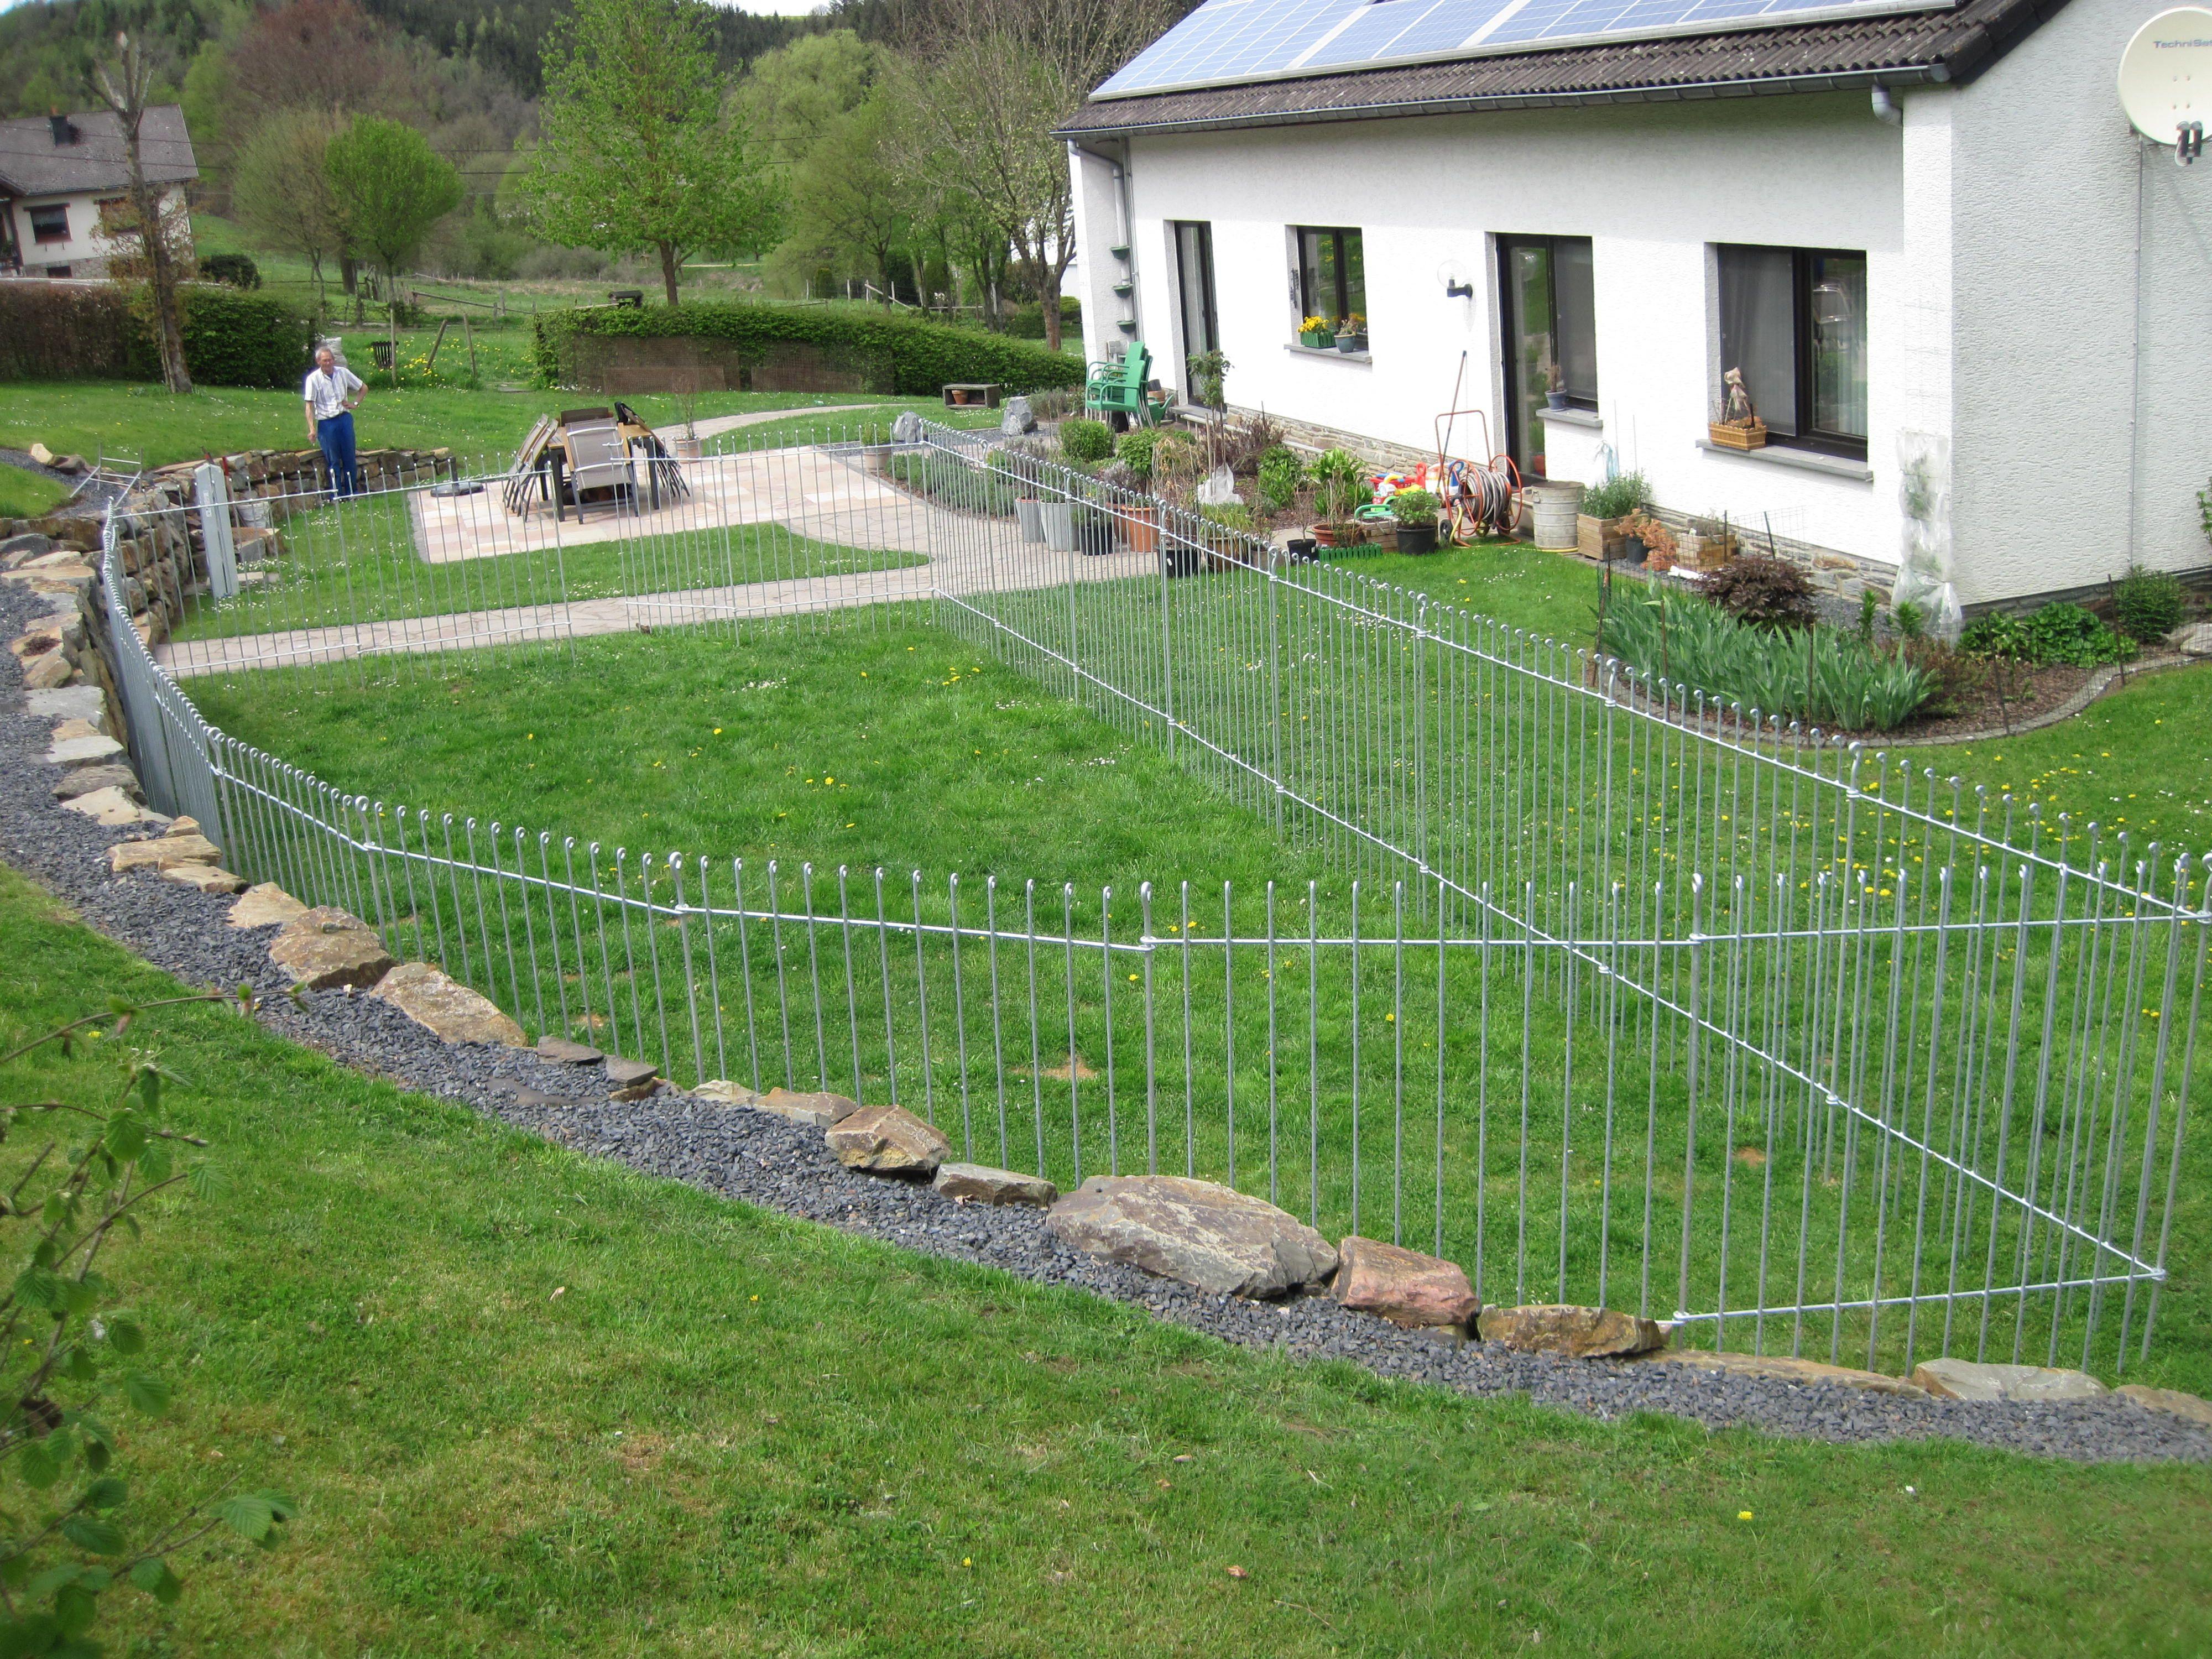 Cl ture de jardin anneau galvanis 145 cm de hauteur pour un chien cl ture jardin anneau - Cloture jardin chien dijon ...